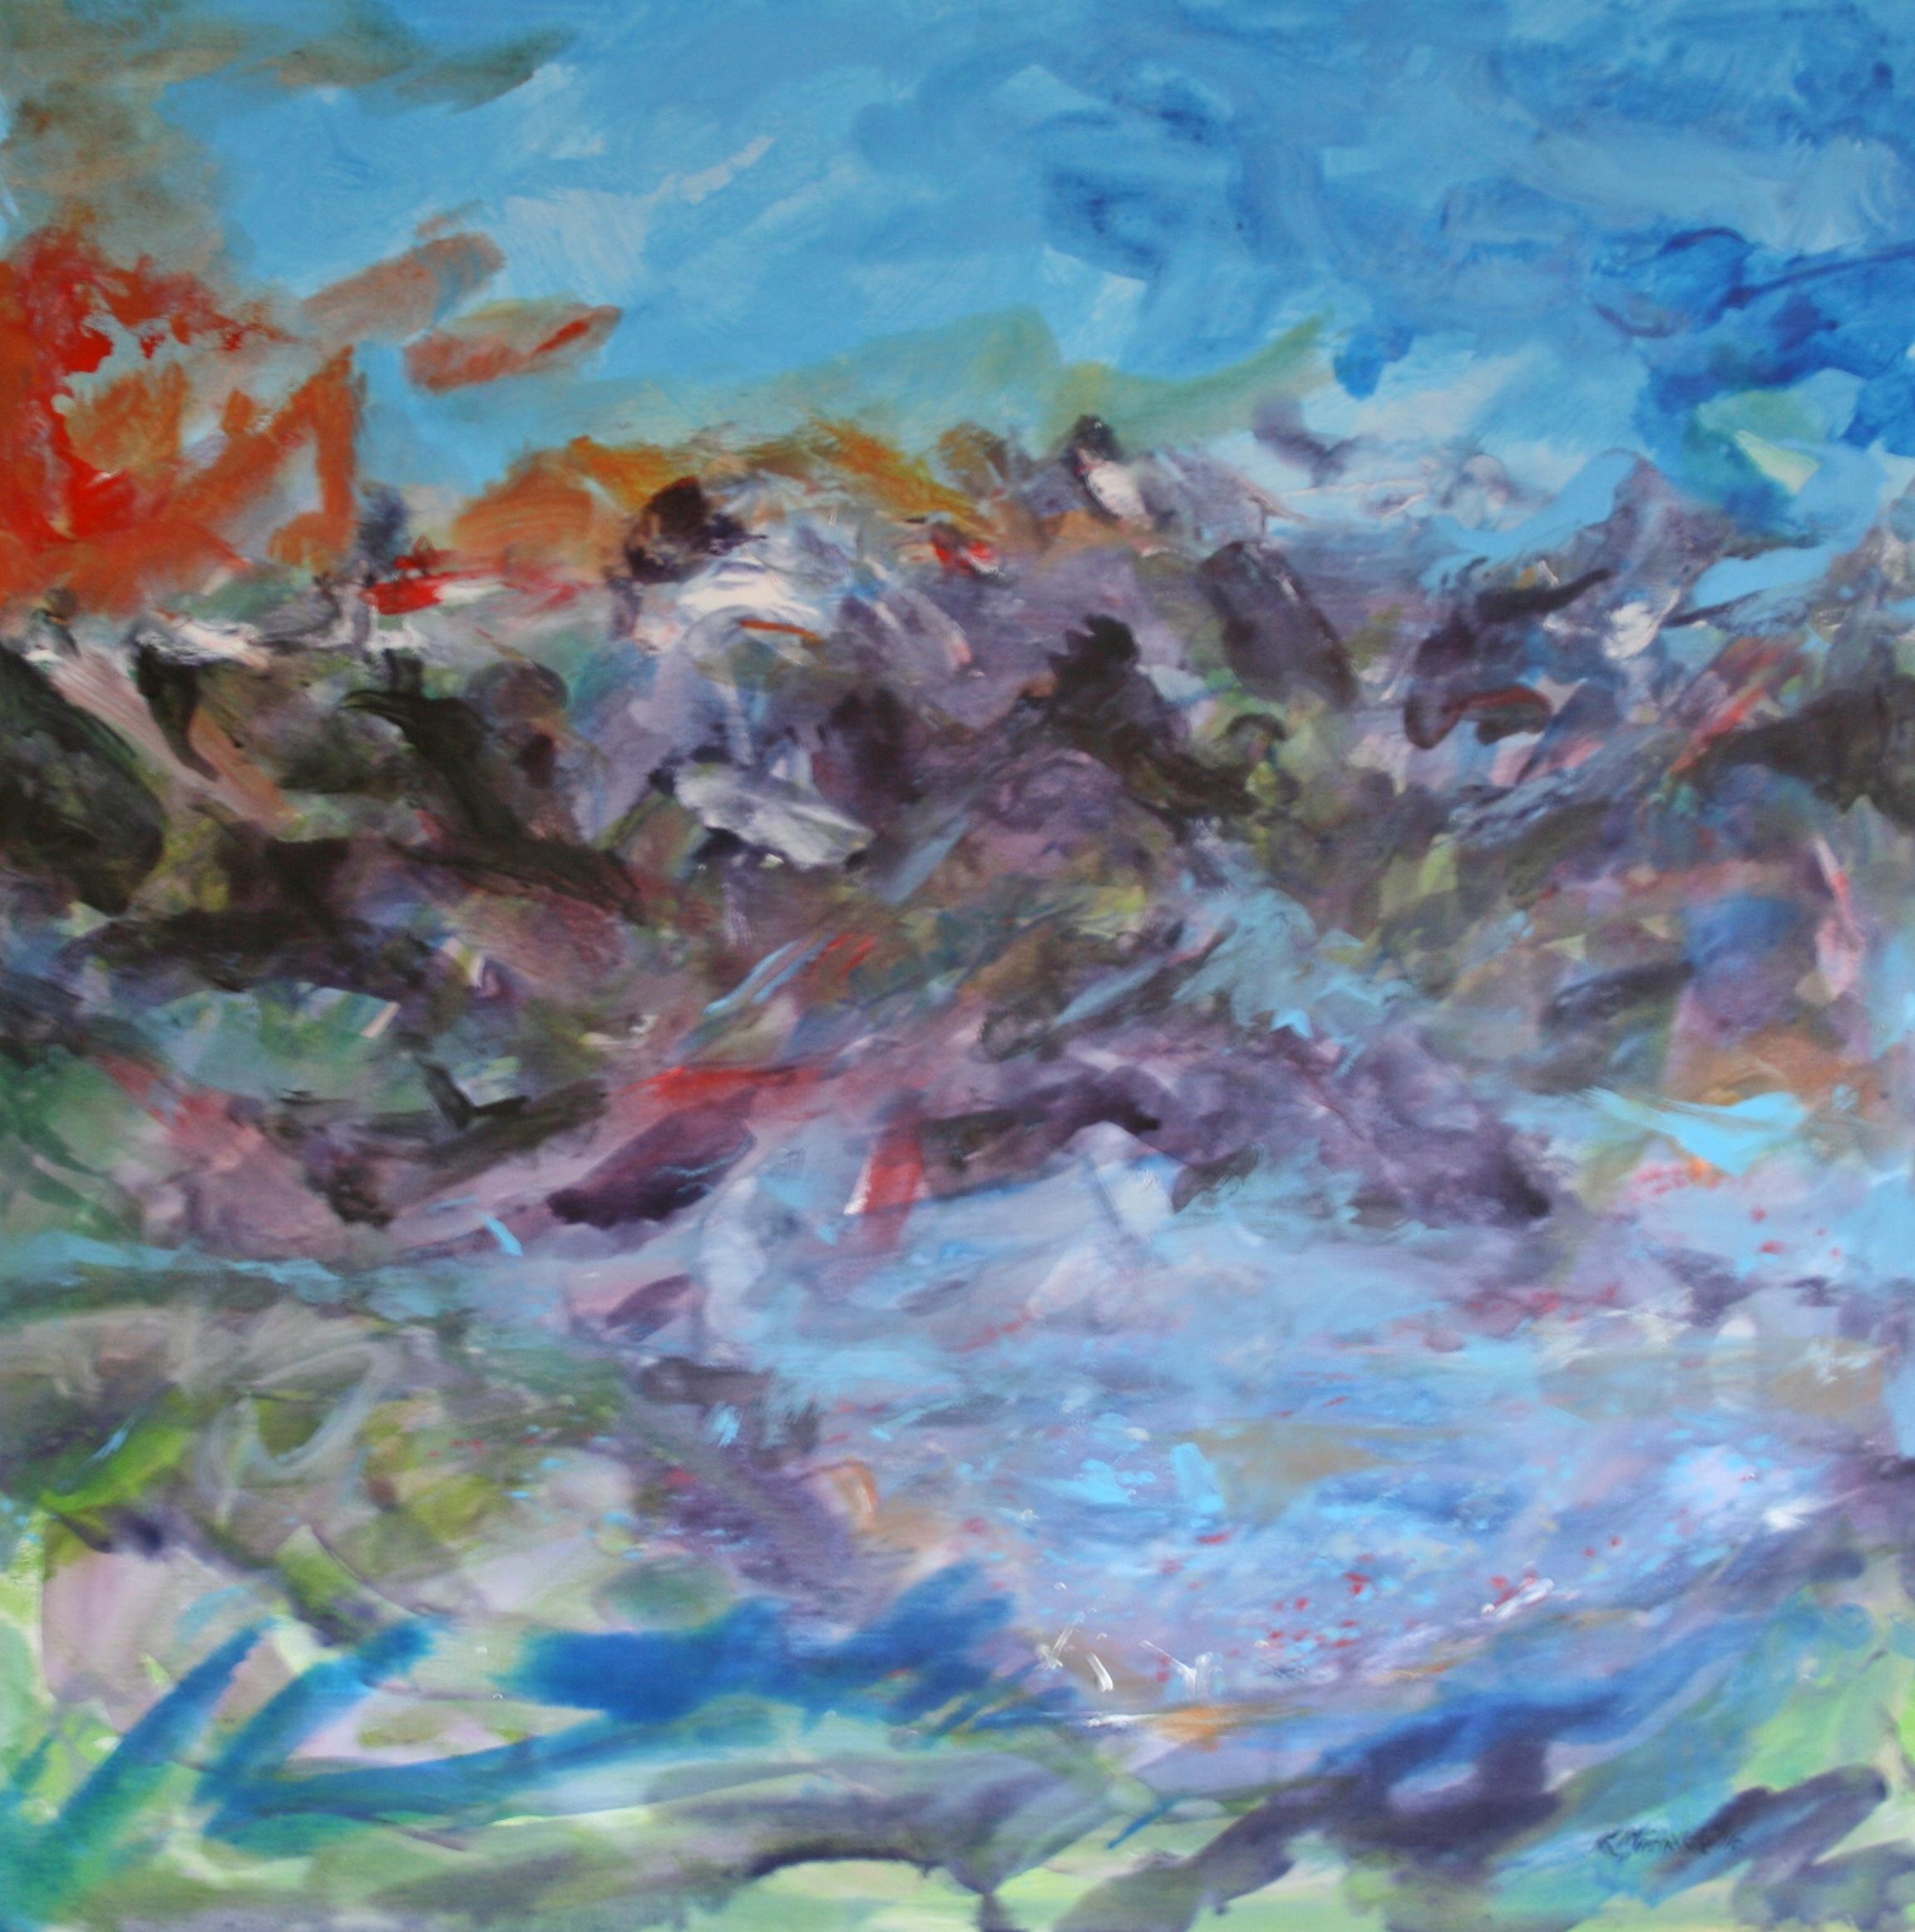 Nachts im Dorf, 2016, 100 x 100, Acryl auf Leinwand